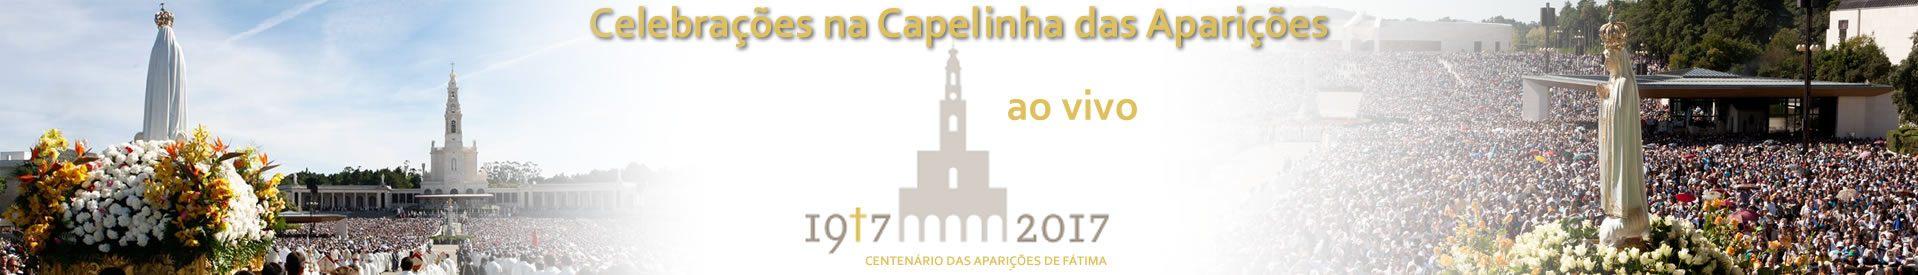 Celebrações ao vivo da capelinha de Fátima